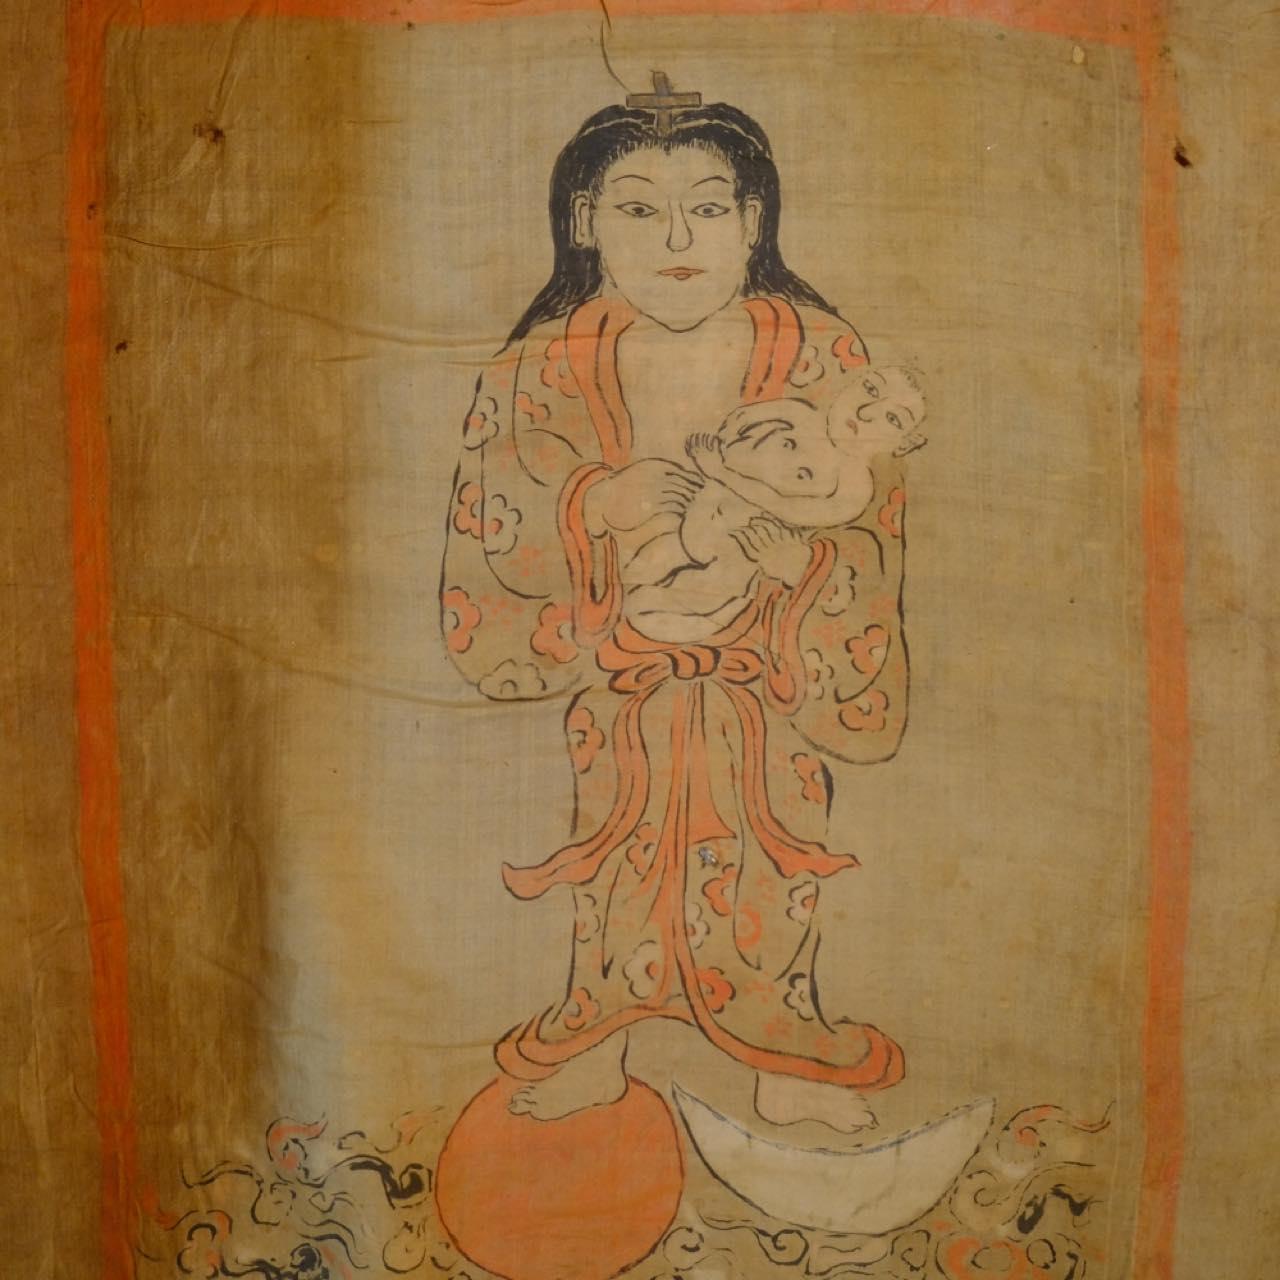 画像: 納戸神として飾られていた絵画「お掛け絵」です。見た目は和製の仏教絵画のように見えますが、マリア像や聖家族と言った、キリスト教の教えに基づいた絵になっています。